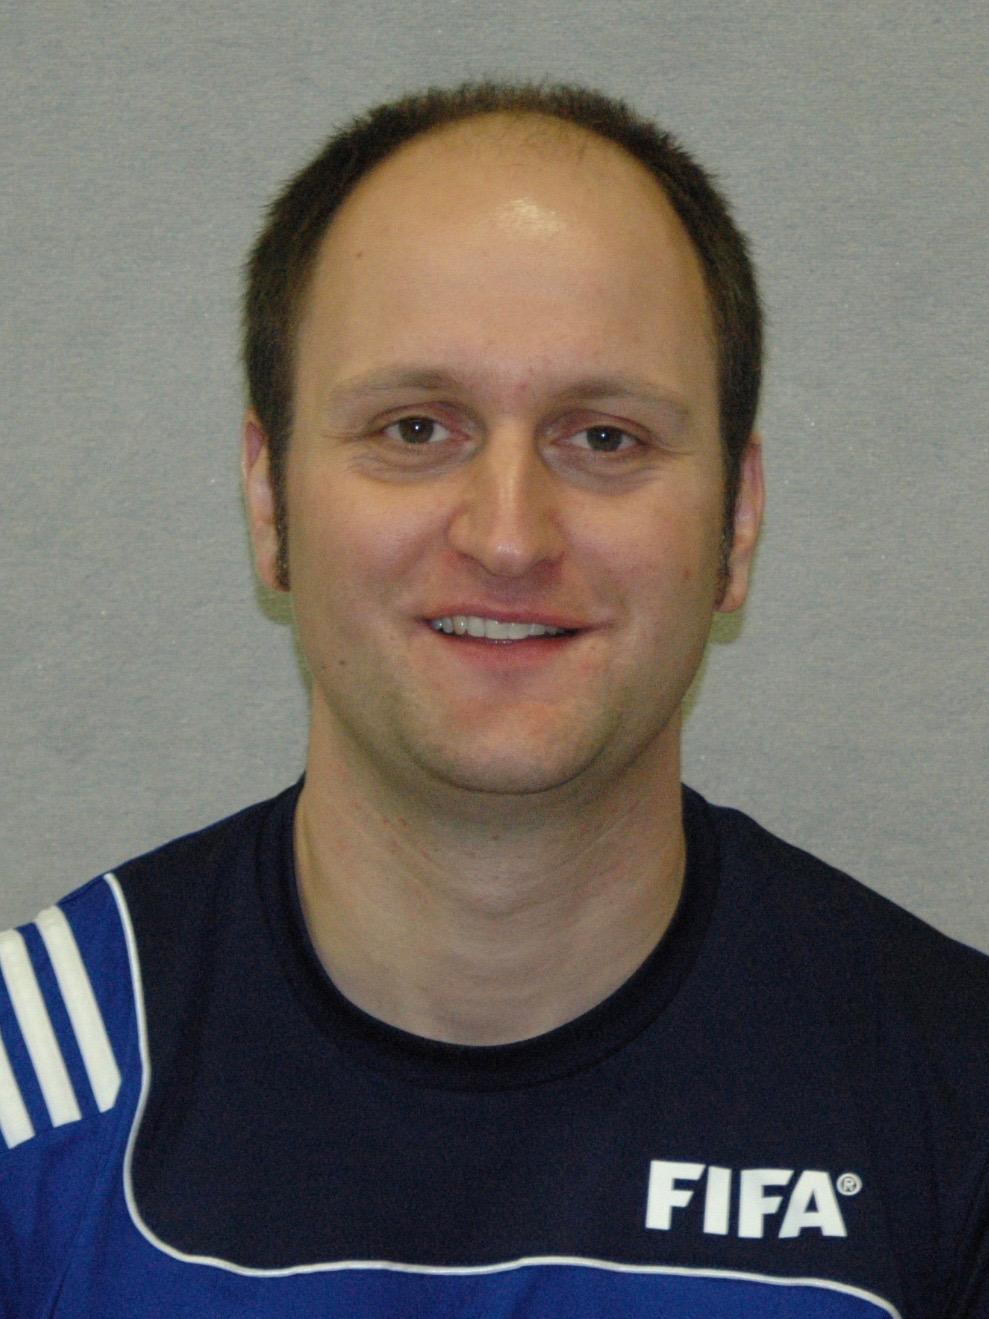 Steffen Bonnekamp